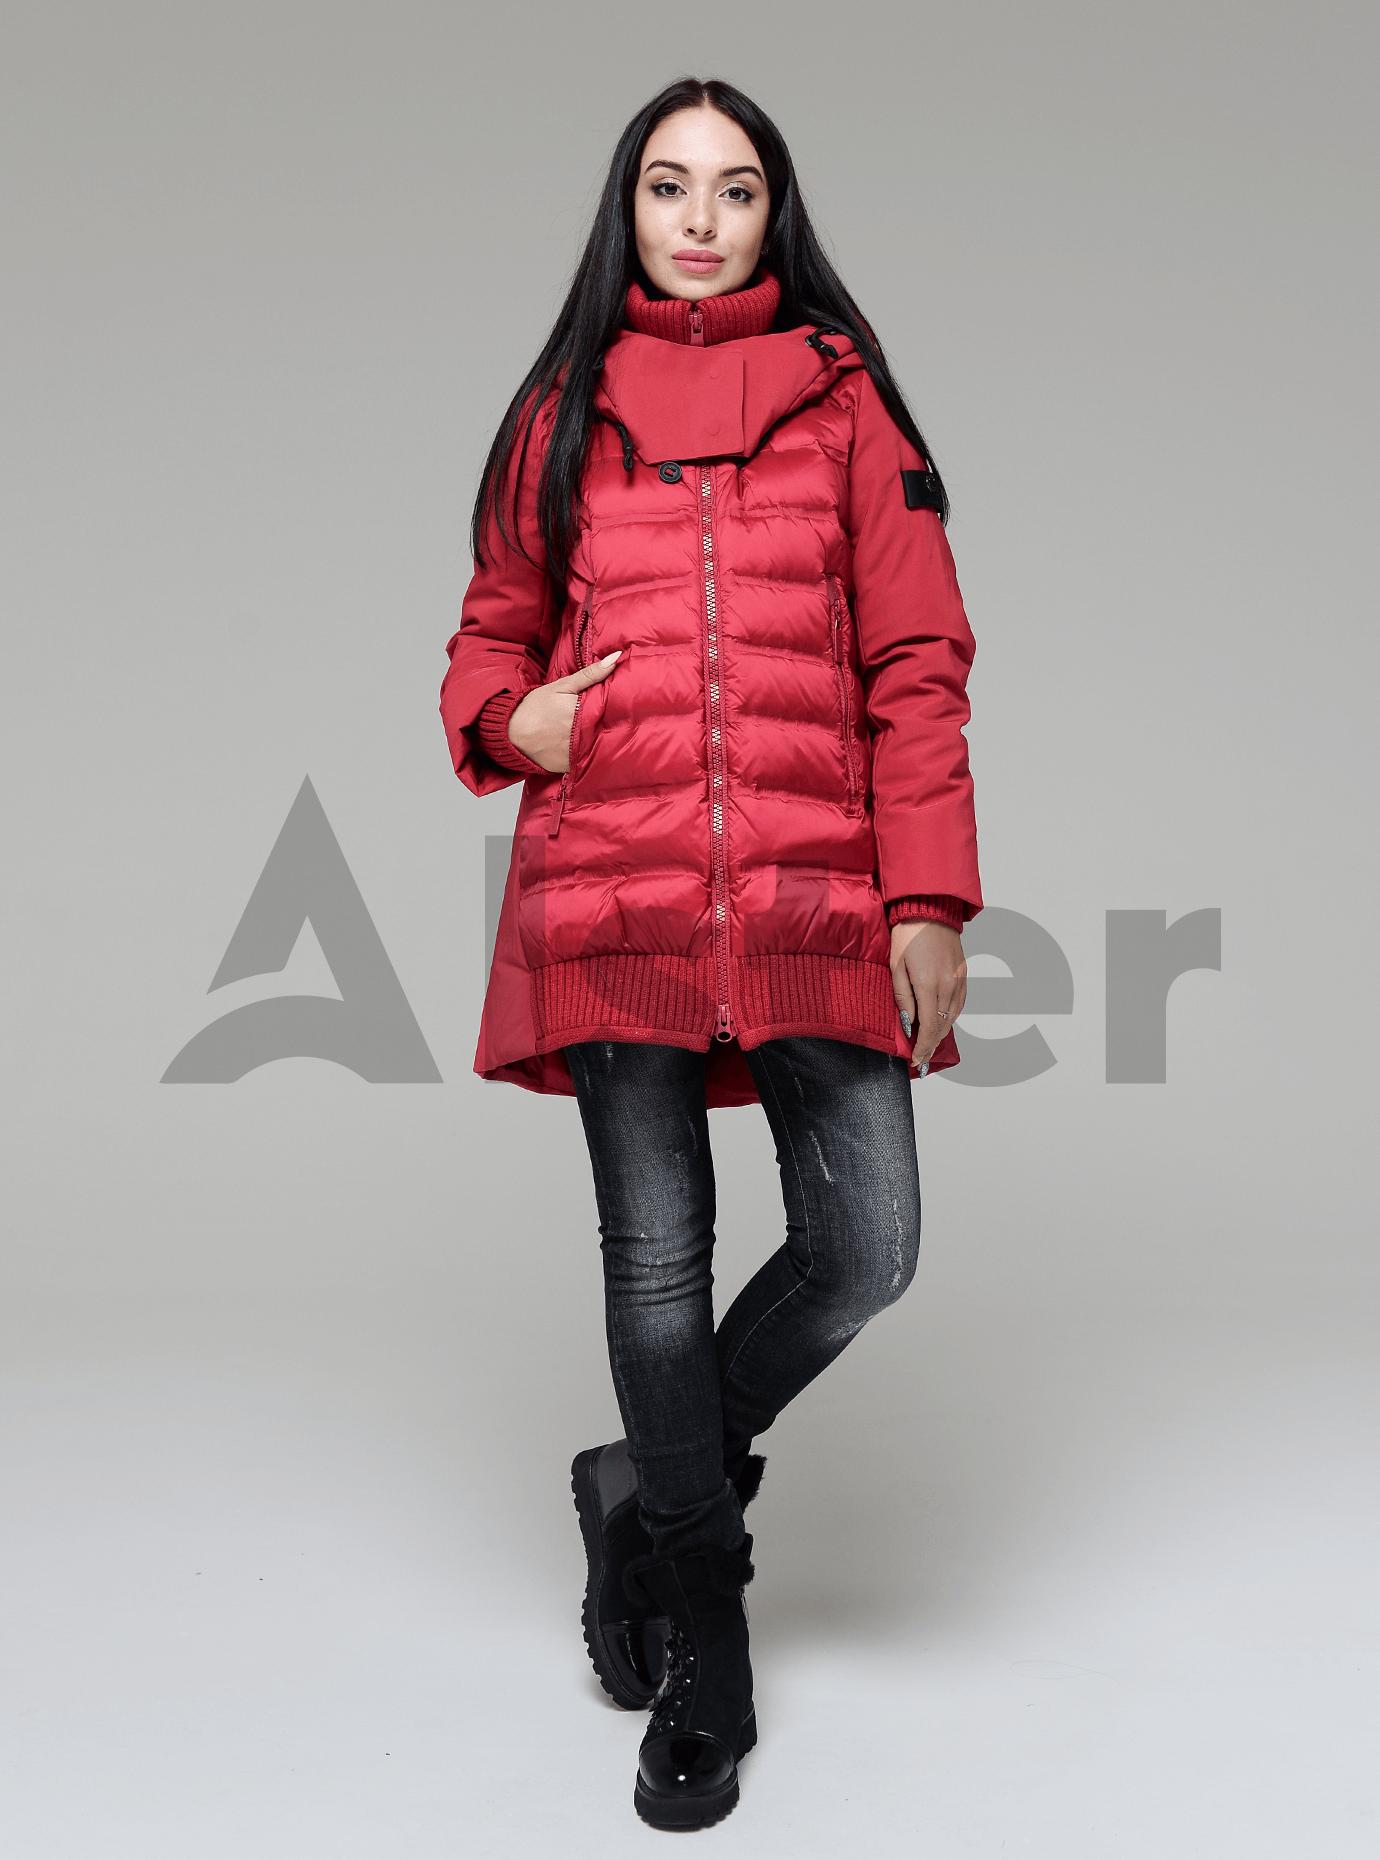 Пуховик женский с натуральным пухом Красный S (02-4653): фото - Alster.ua